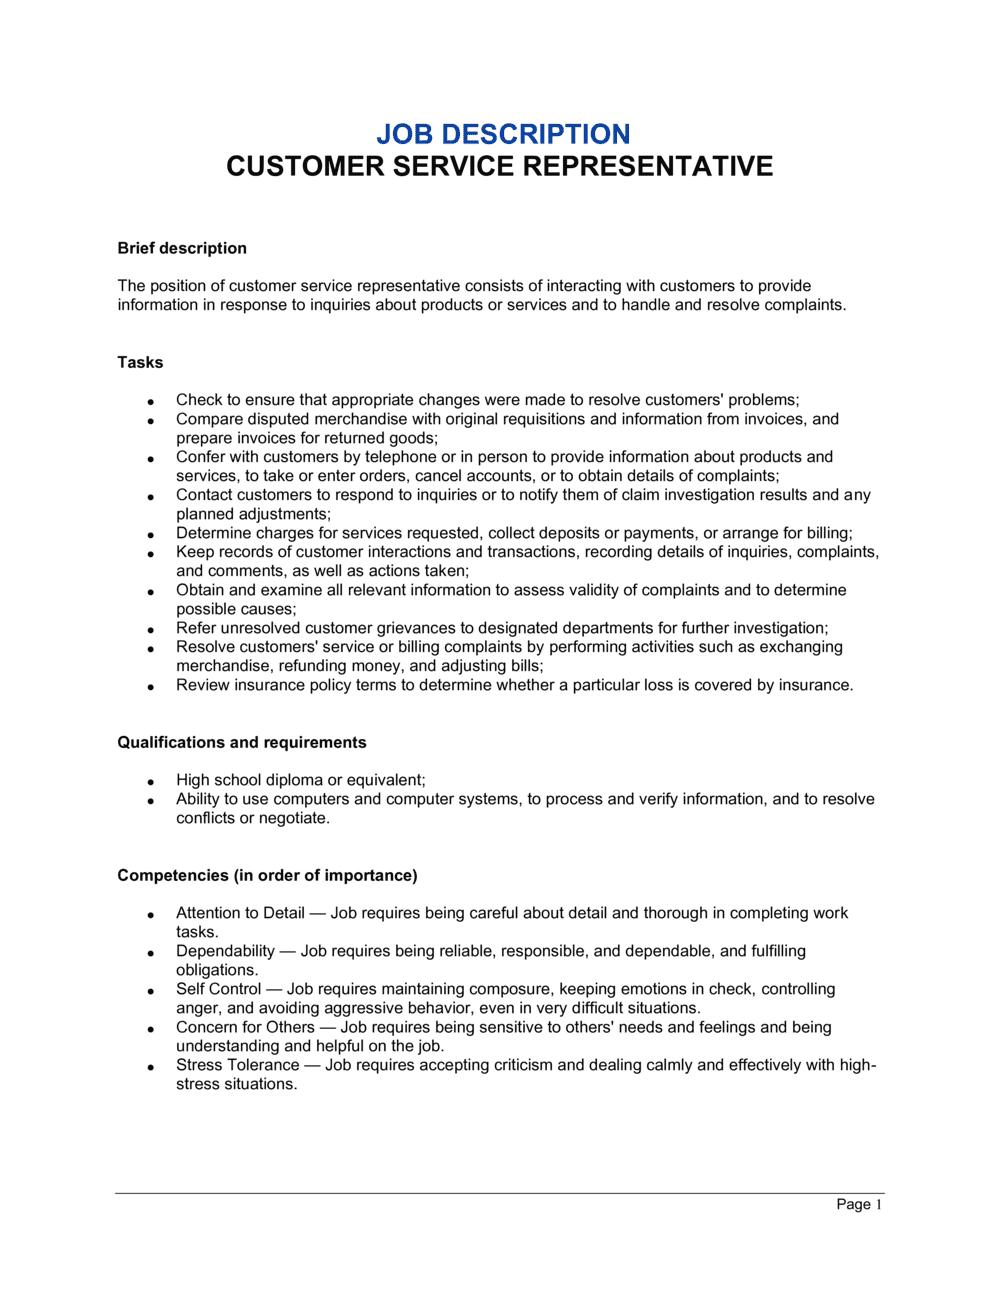 Business-in-a-Box's Customer Service Representative Job Description Template